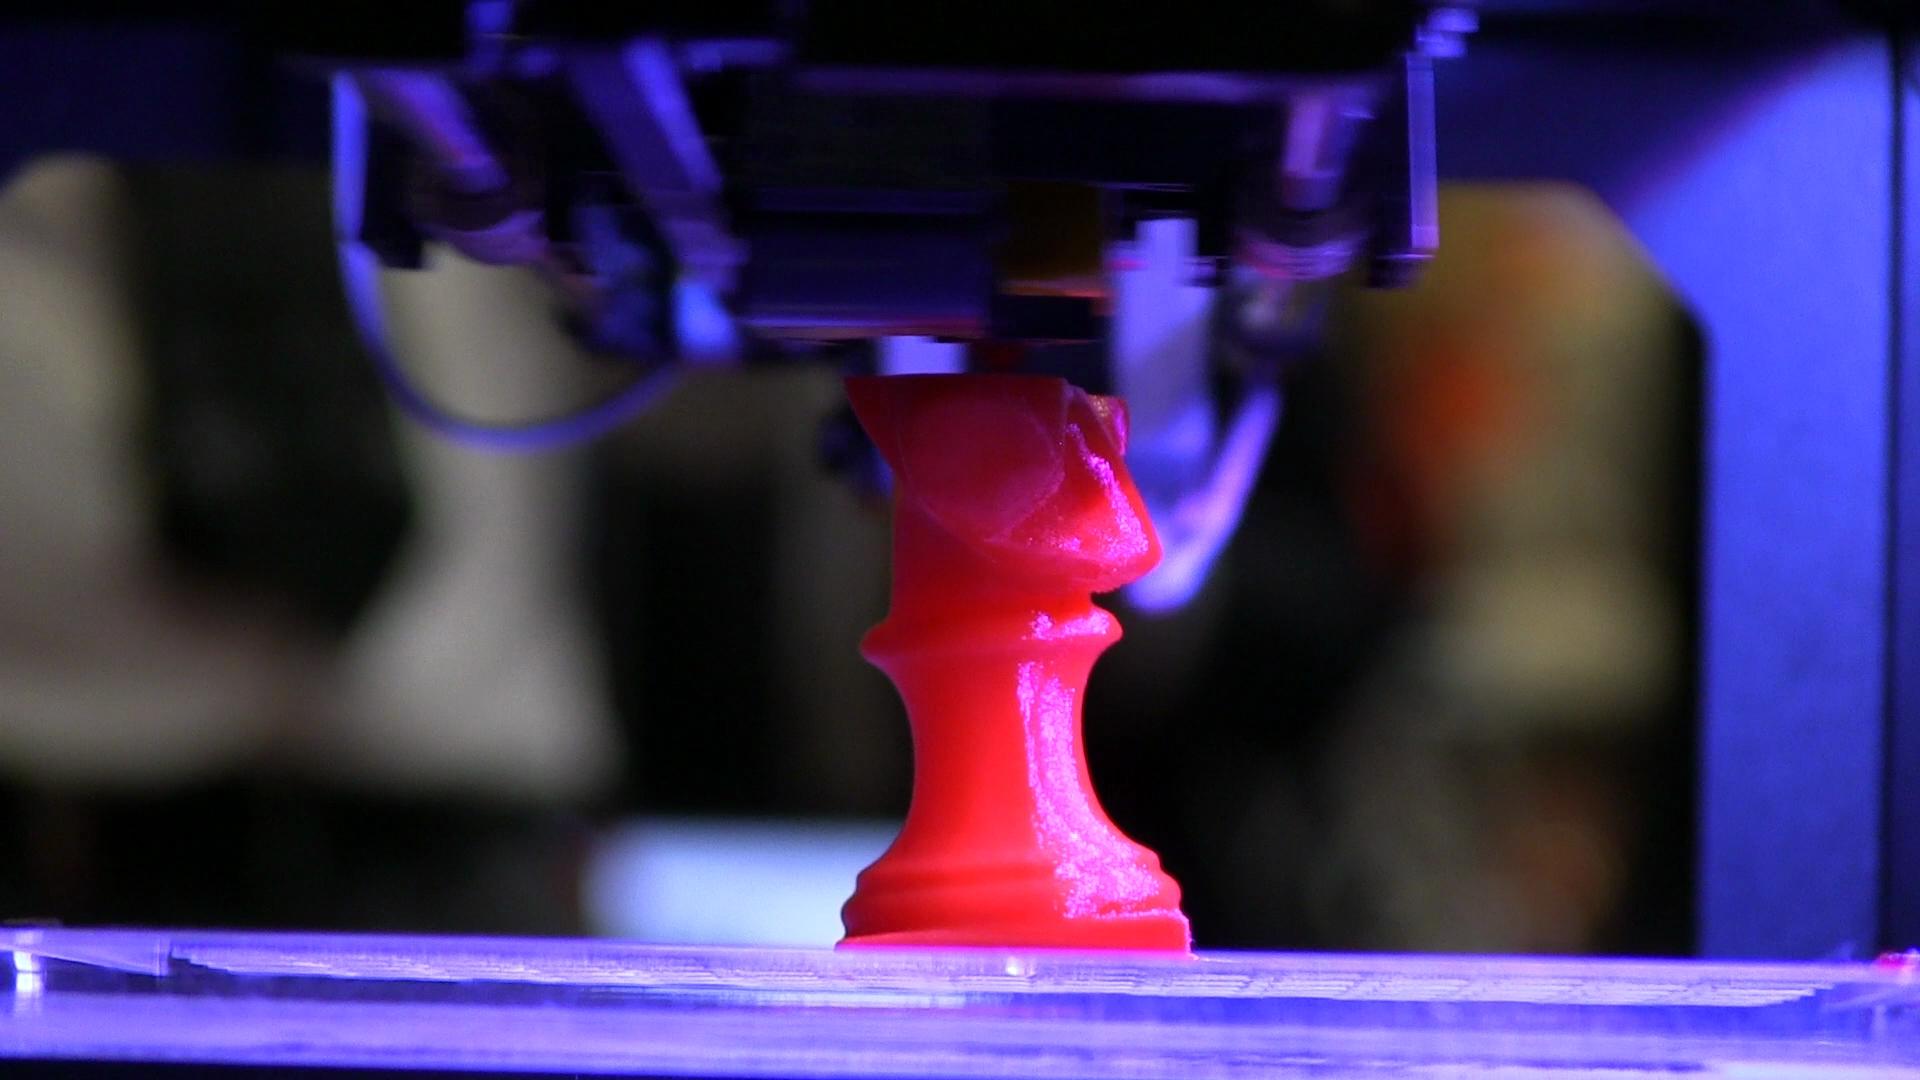 3D printer deals